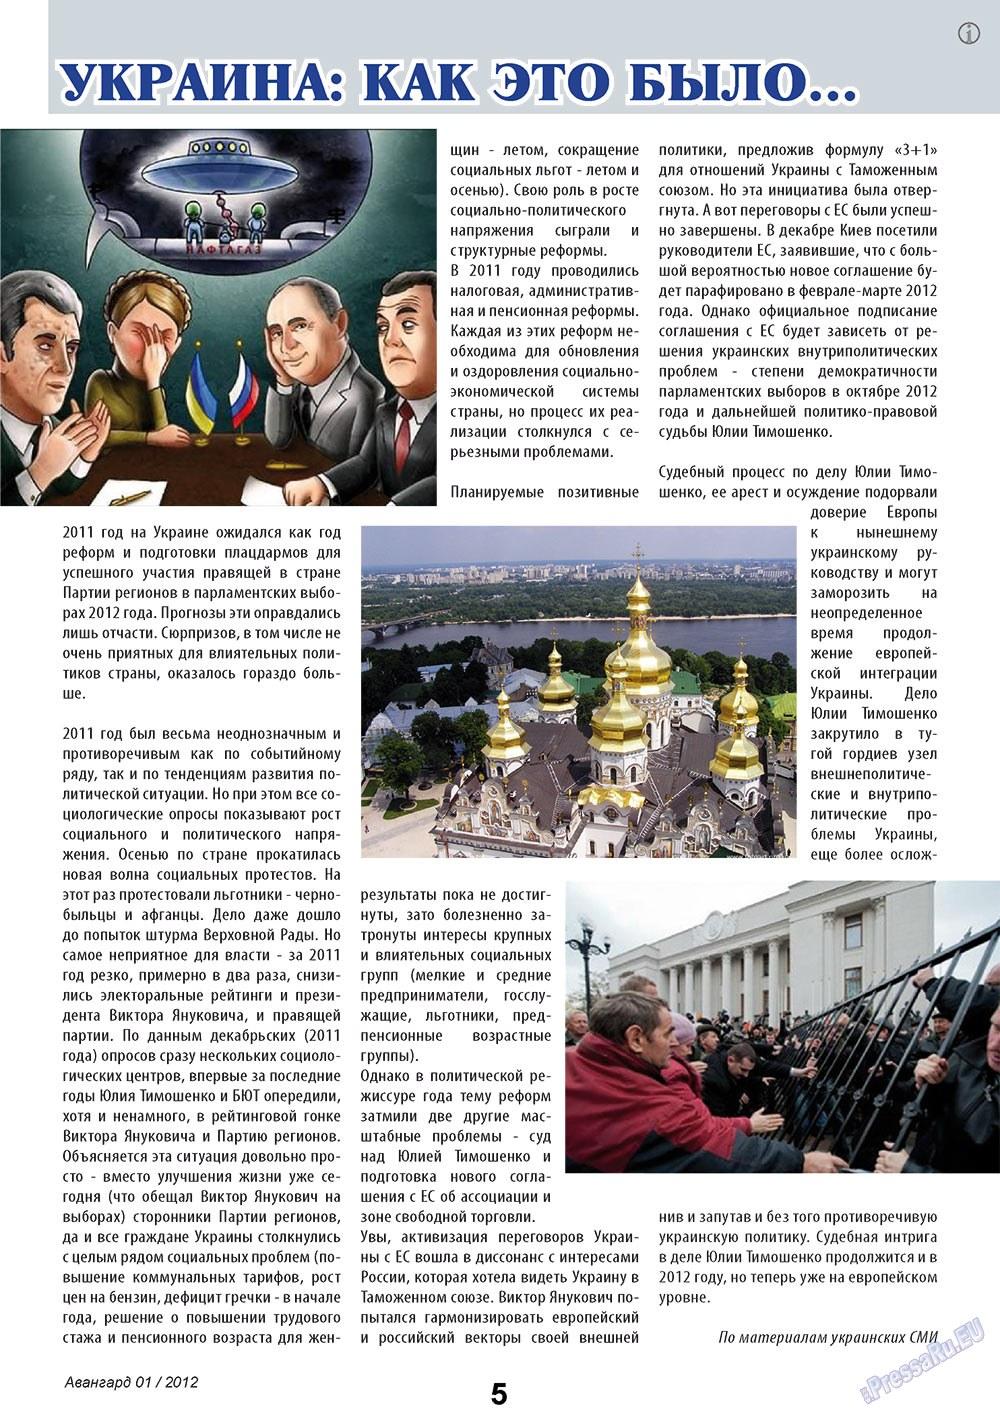 Авангард (журнал). 2012 год, номер 1, стр. 5